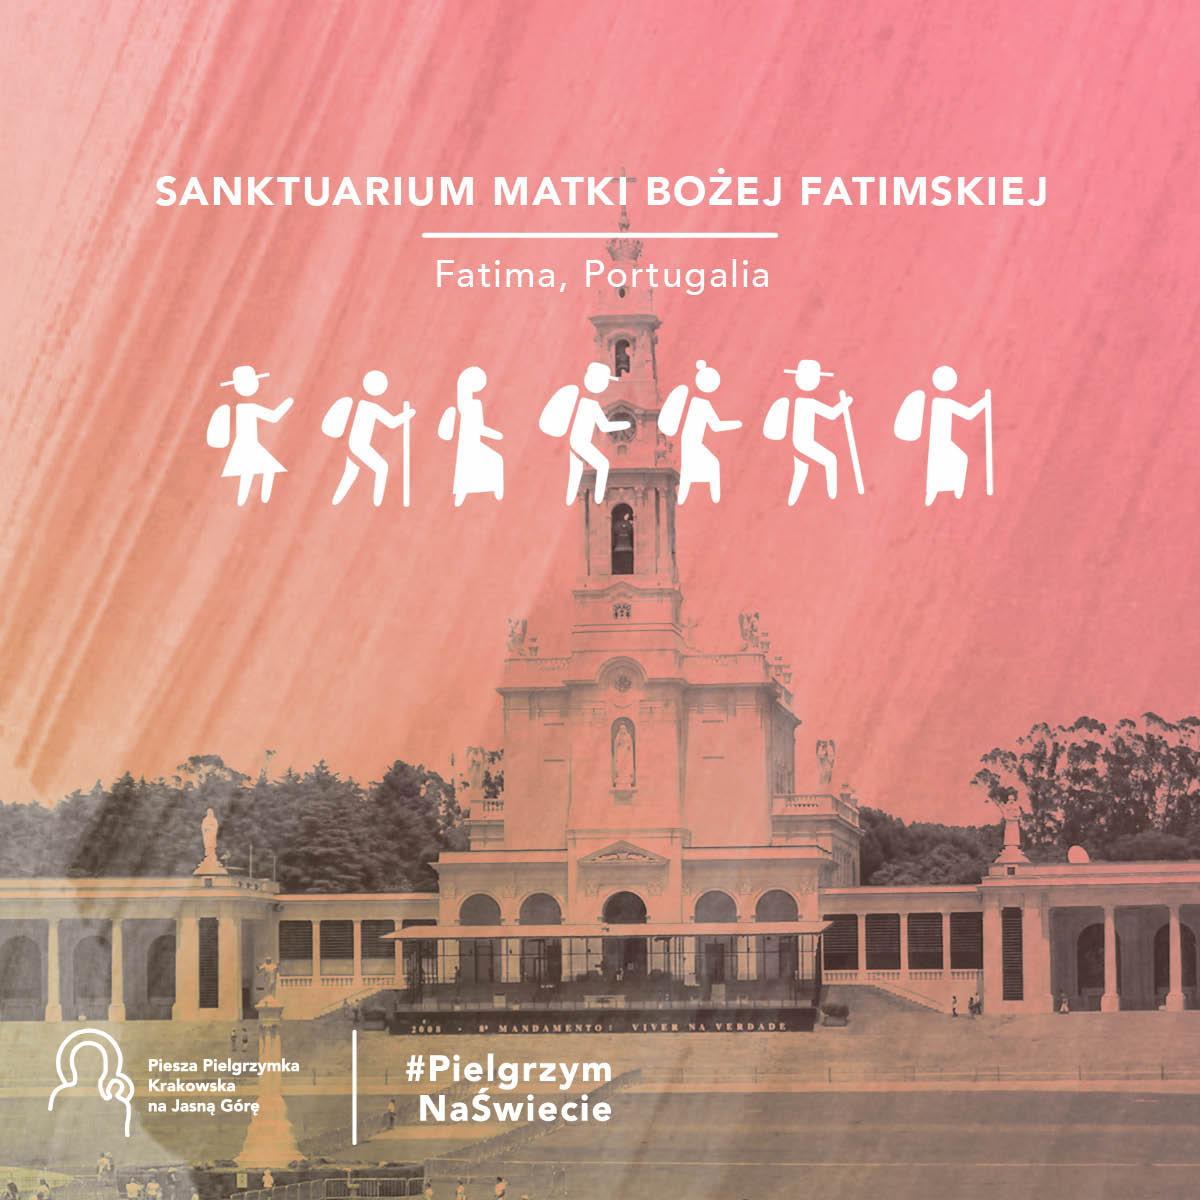 Sanktuarium w Fatimie – miejsce dla pielgrzymów z całego świata